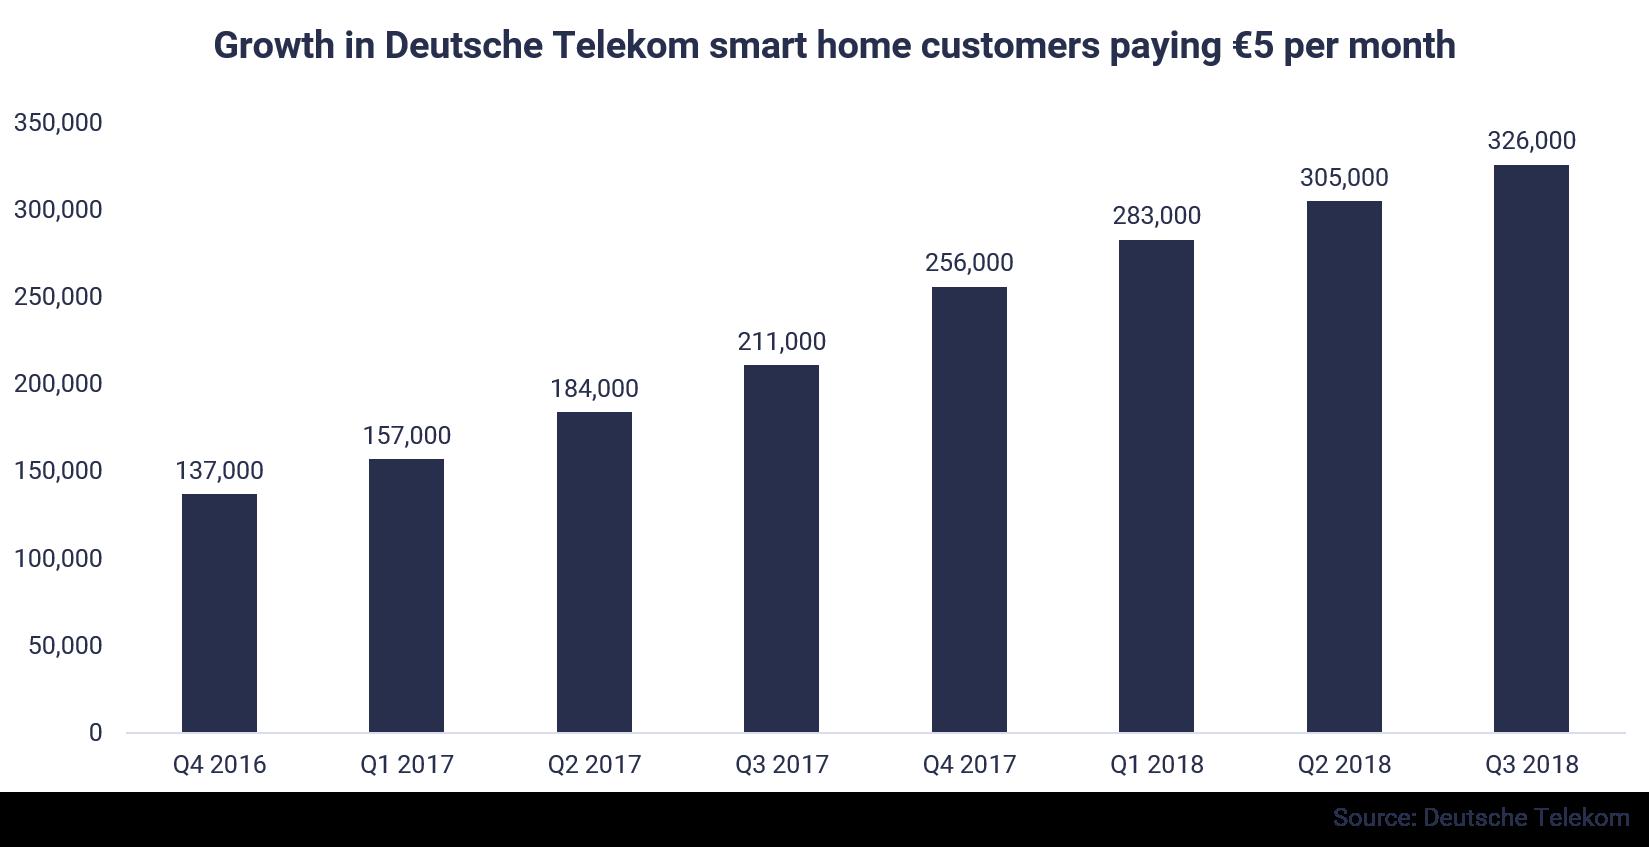 Deutsche Telekom smart home subscribers